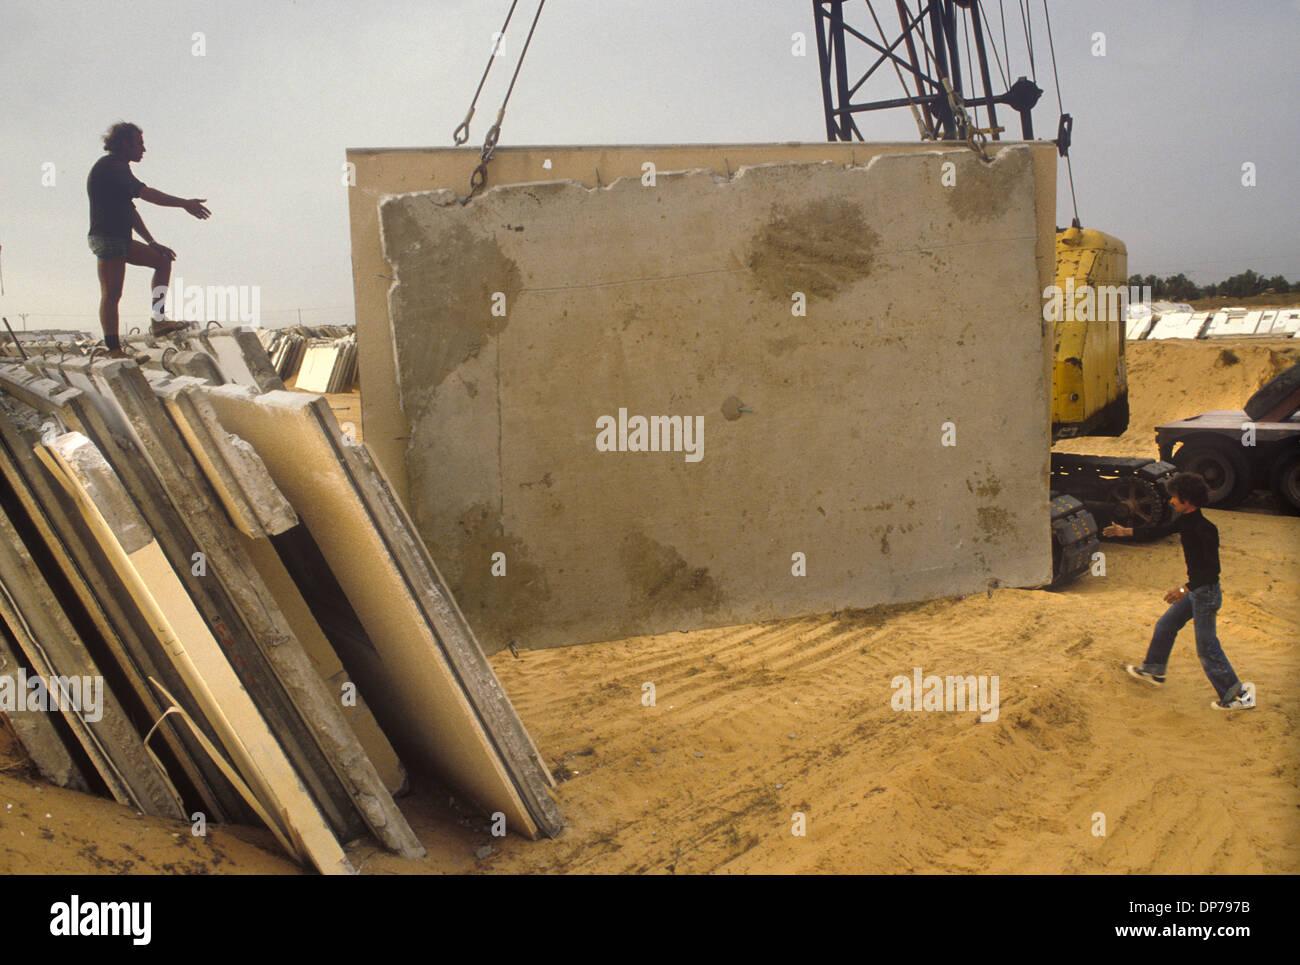 Yamit Israele 1982 insediamento israeliano tirato giù rimosso degli anni ottanta HOMER SYKES Immagini Stock